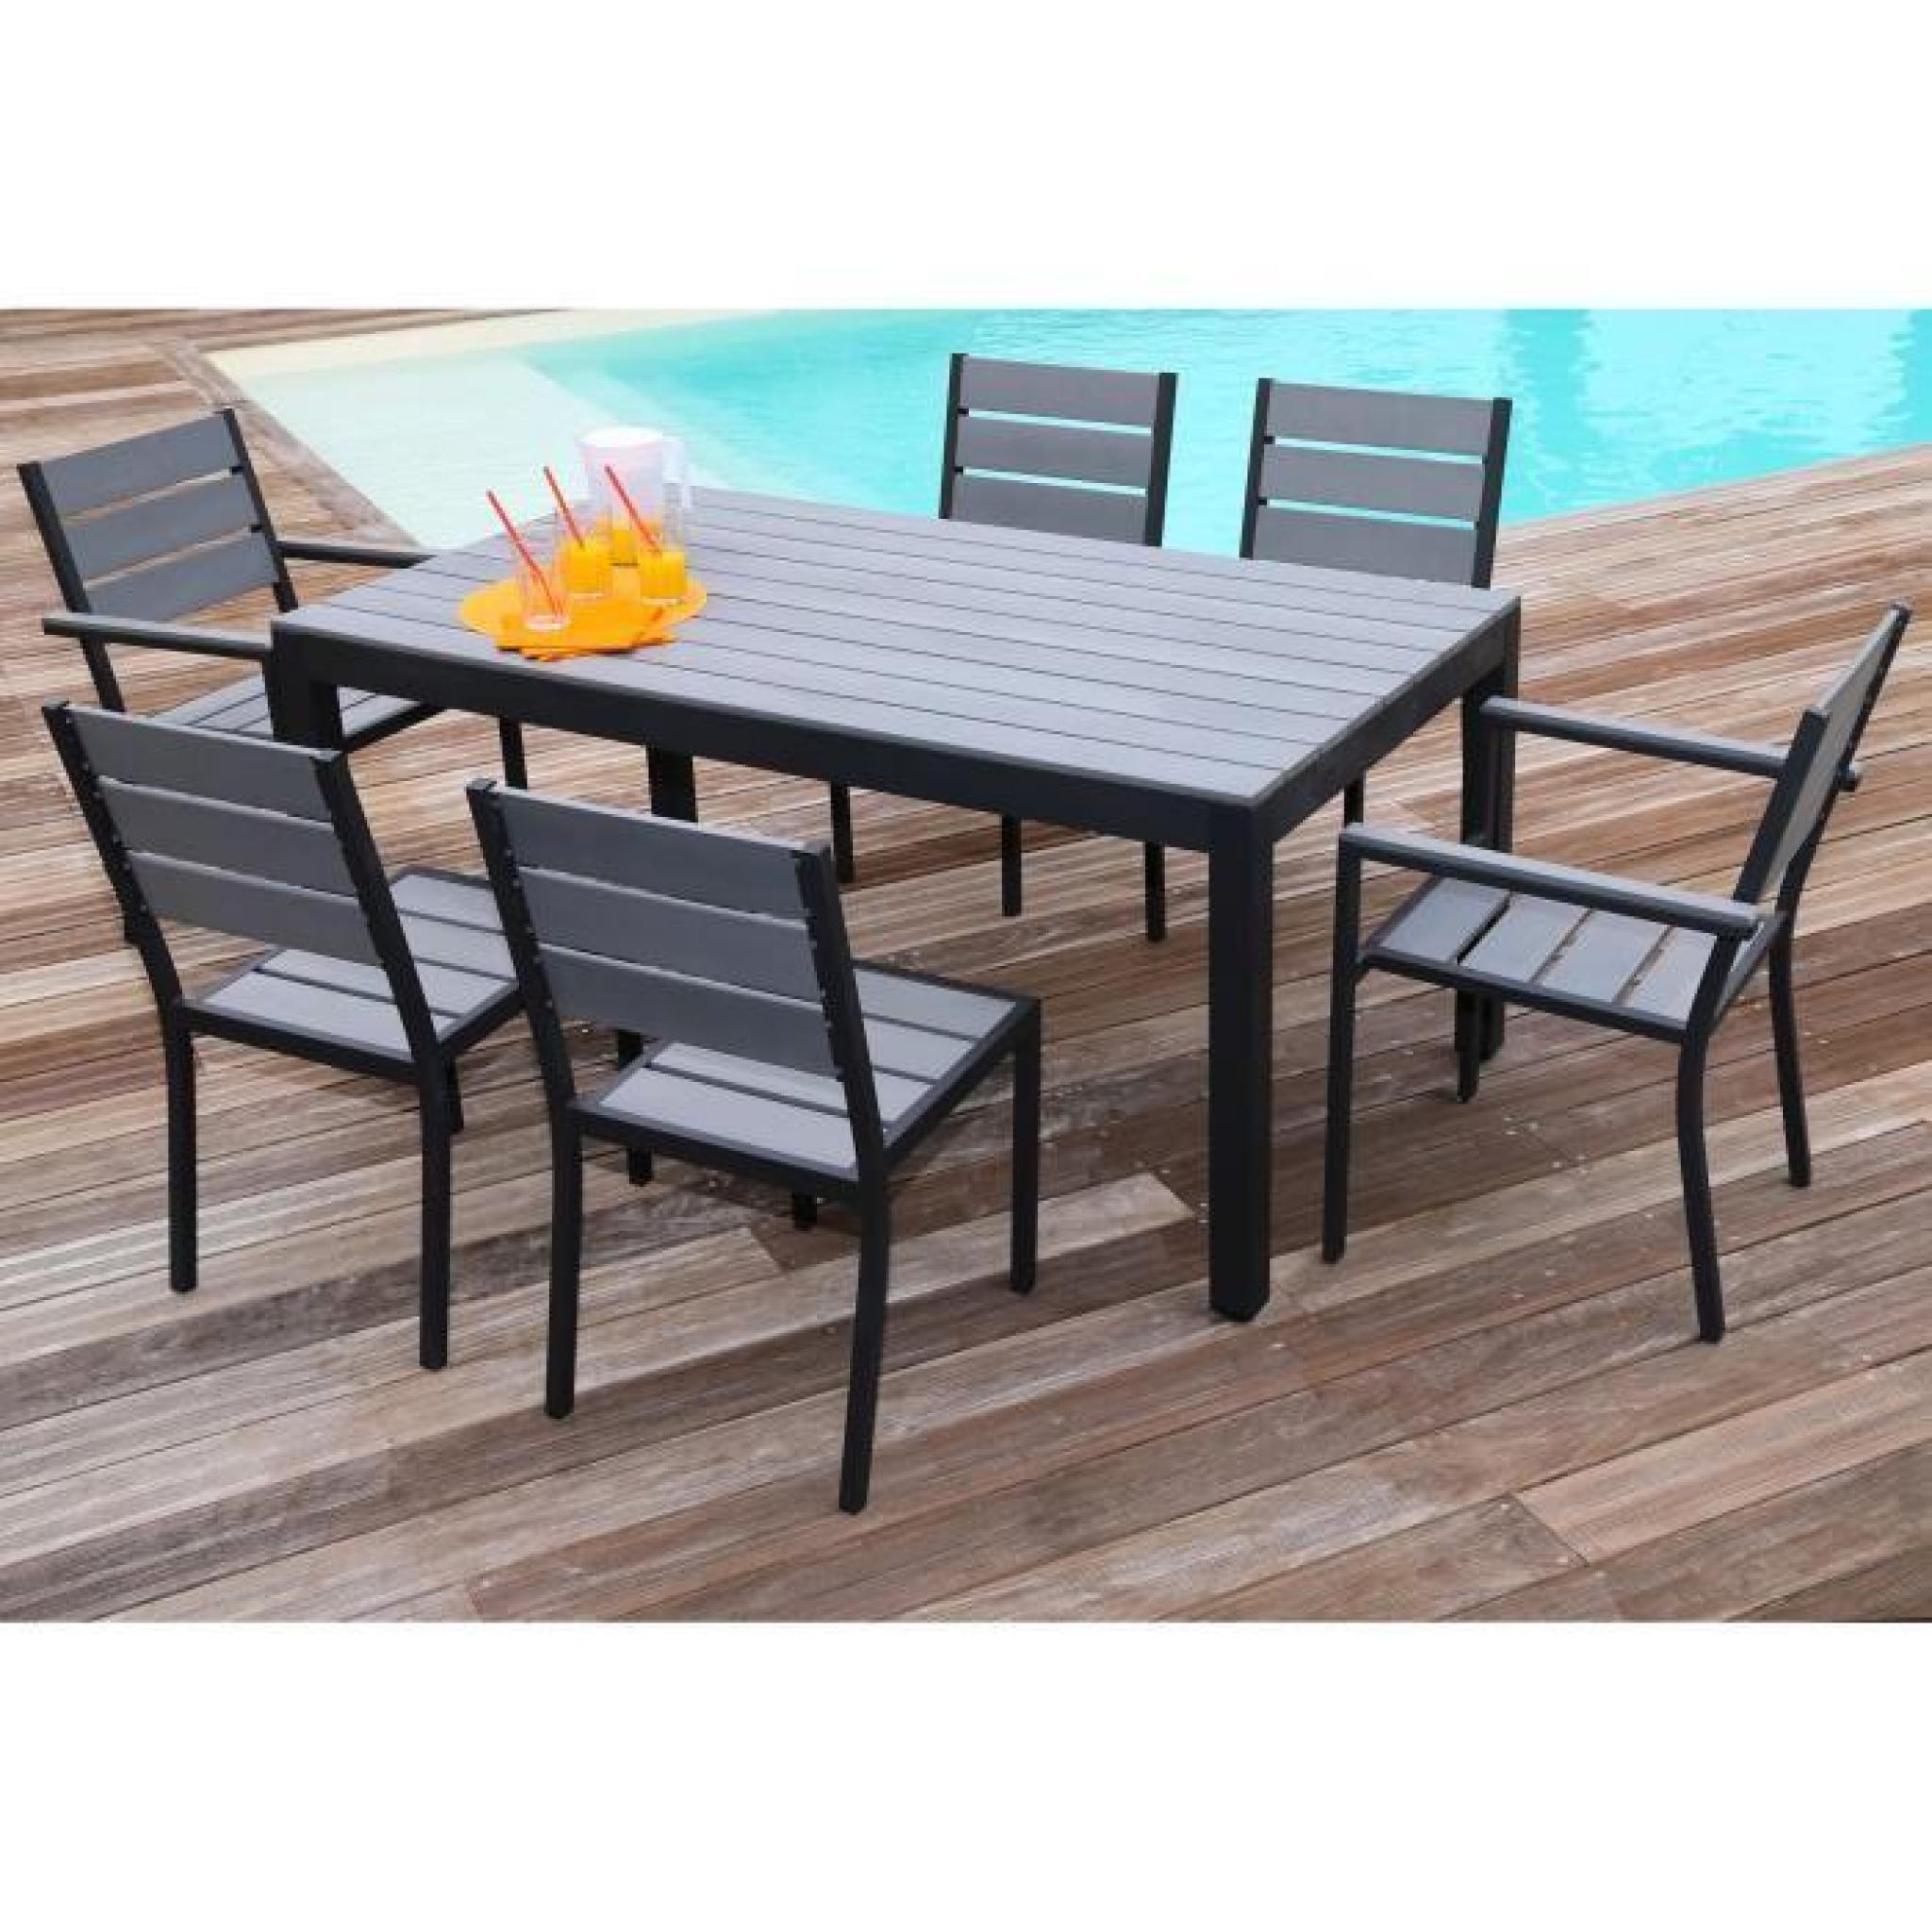 Floride Ensemble Table De Jardin 160 Cm + 2 Fauteuils + 4 Chaises Aluminium  Et Polywood Gris intérieur Table De Jardin Avec Chaise Pas Cher